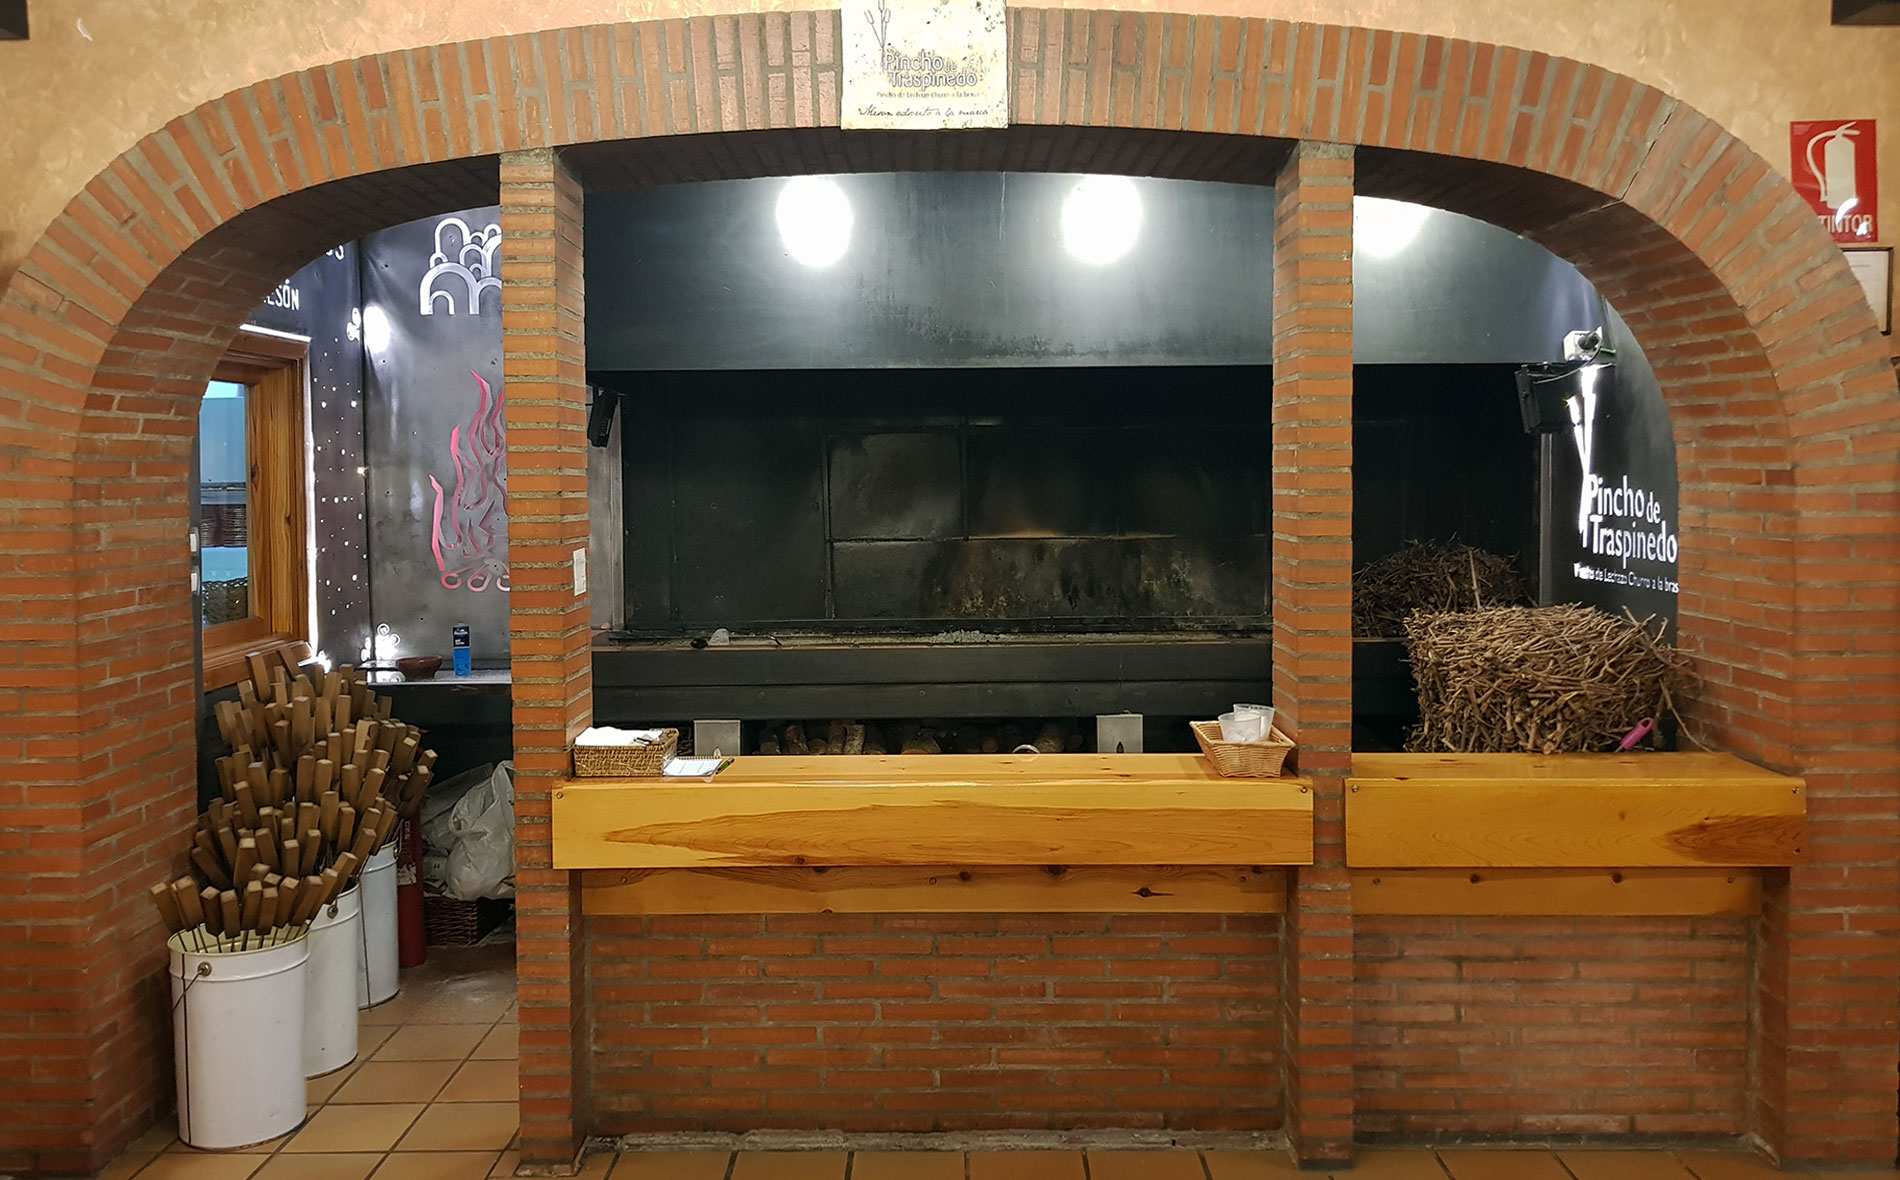 BIENVENIDO A LOS DOCE ARCOS